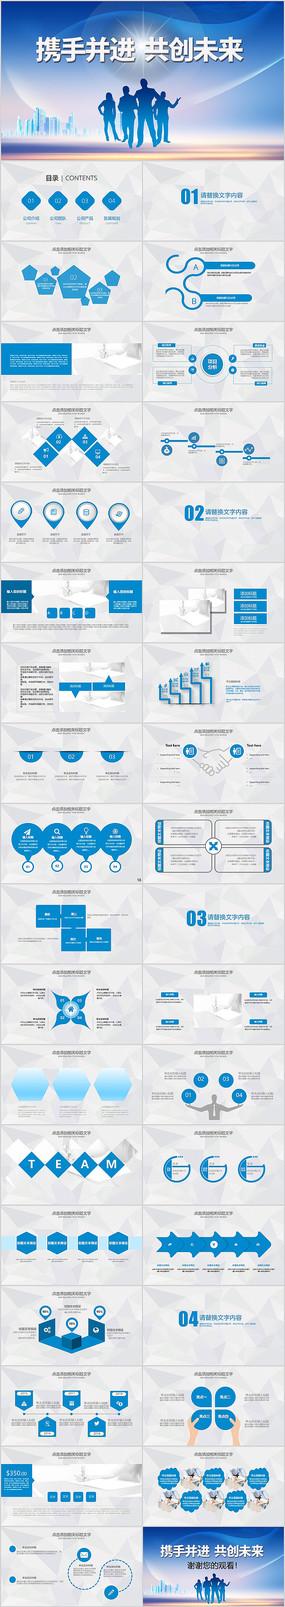 大學生職業規劃PPT模板